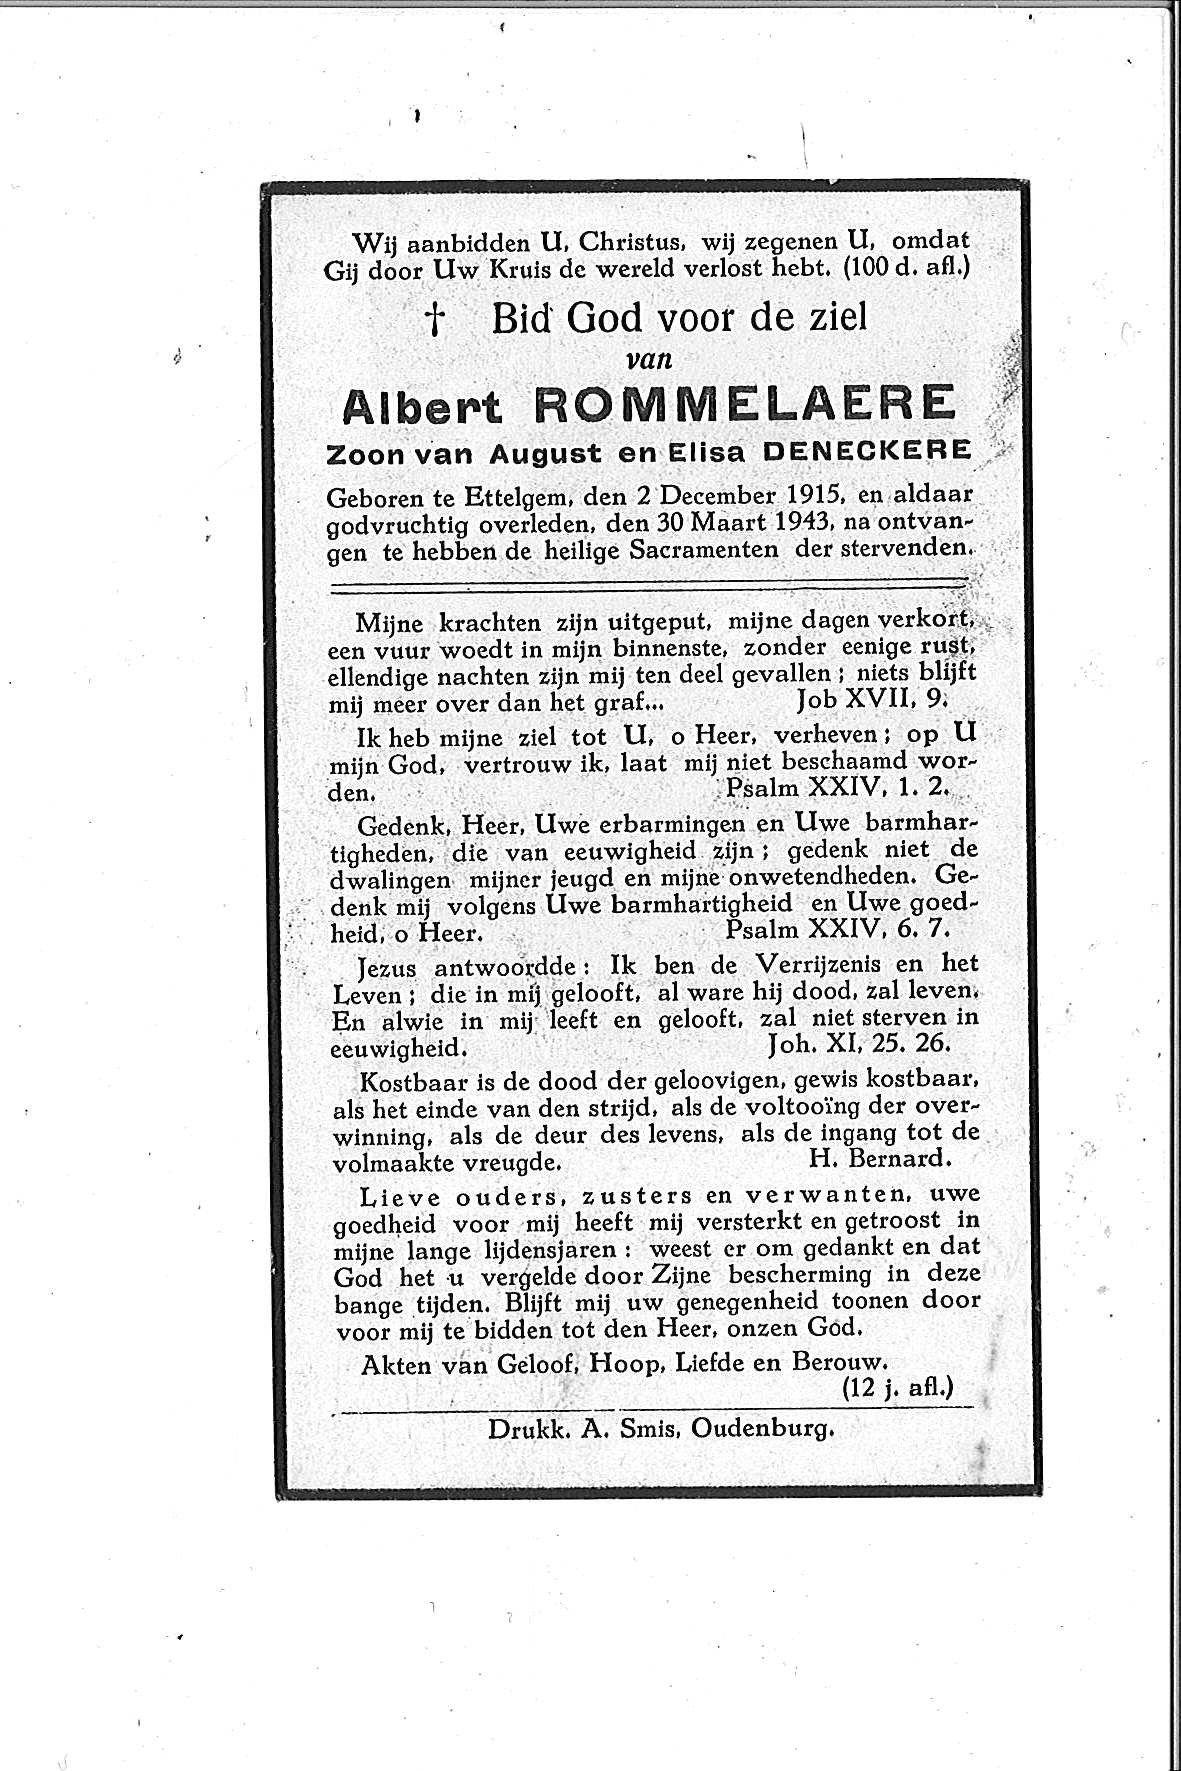 Albert(1943)20141211091721_00001.jpg